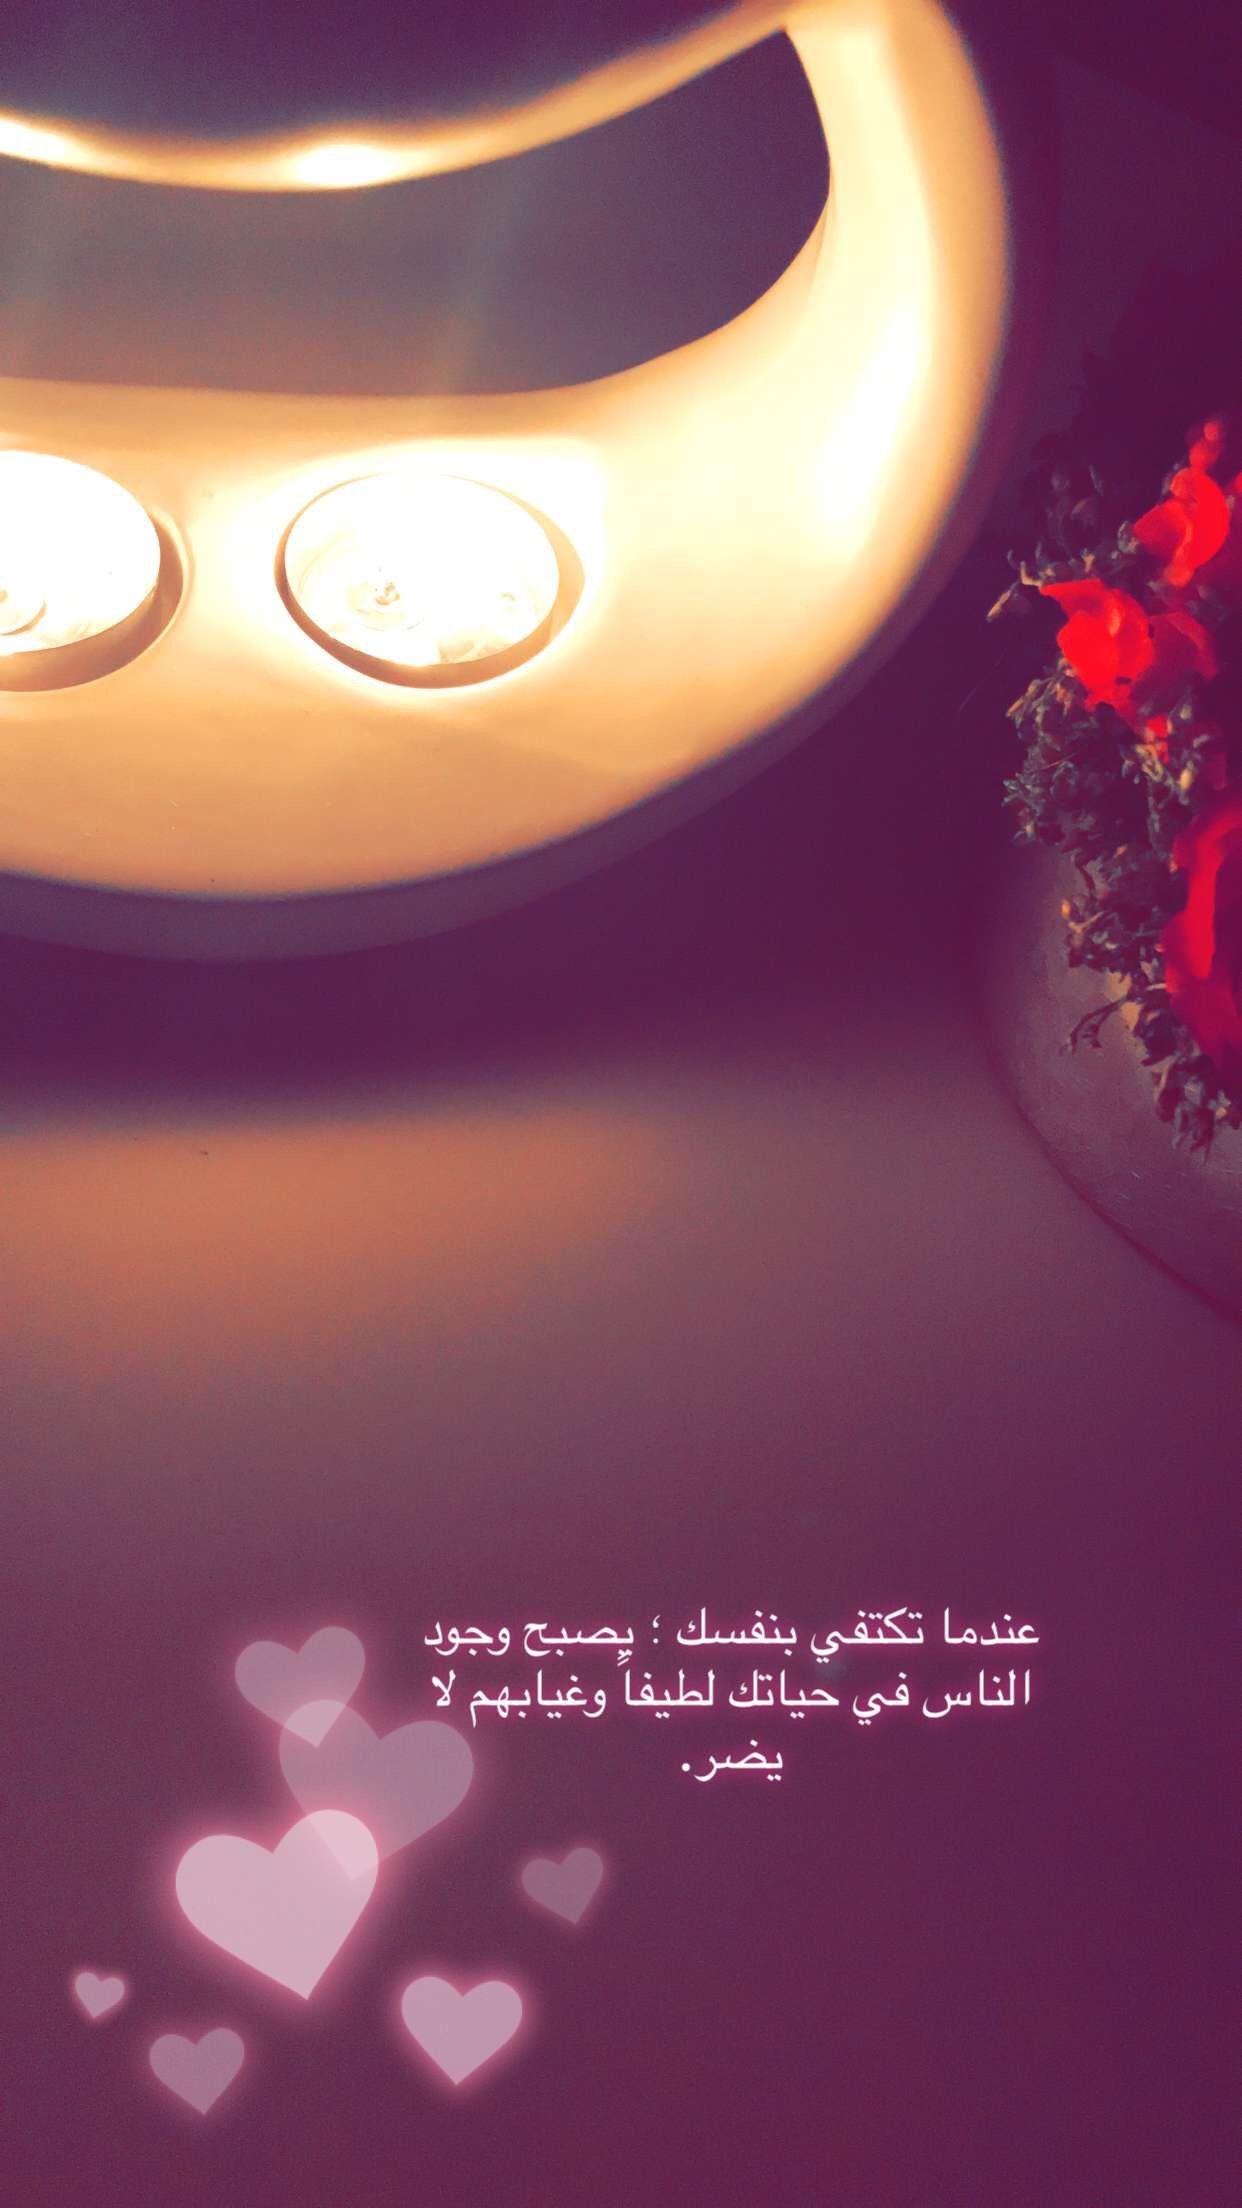 تستحق التأمل Arabic Quotes Photo Quotes Words Quotes